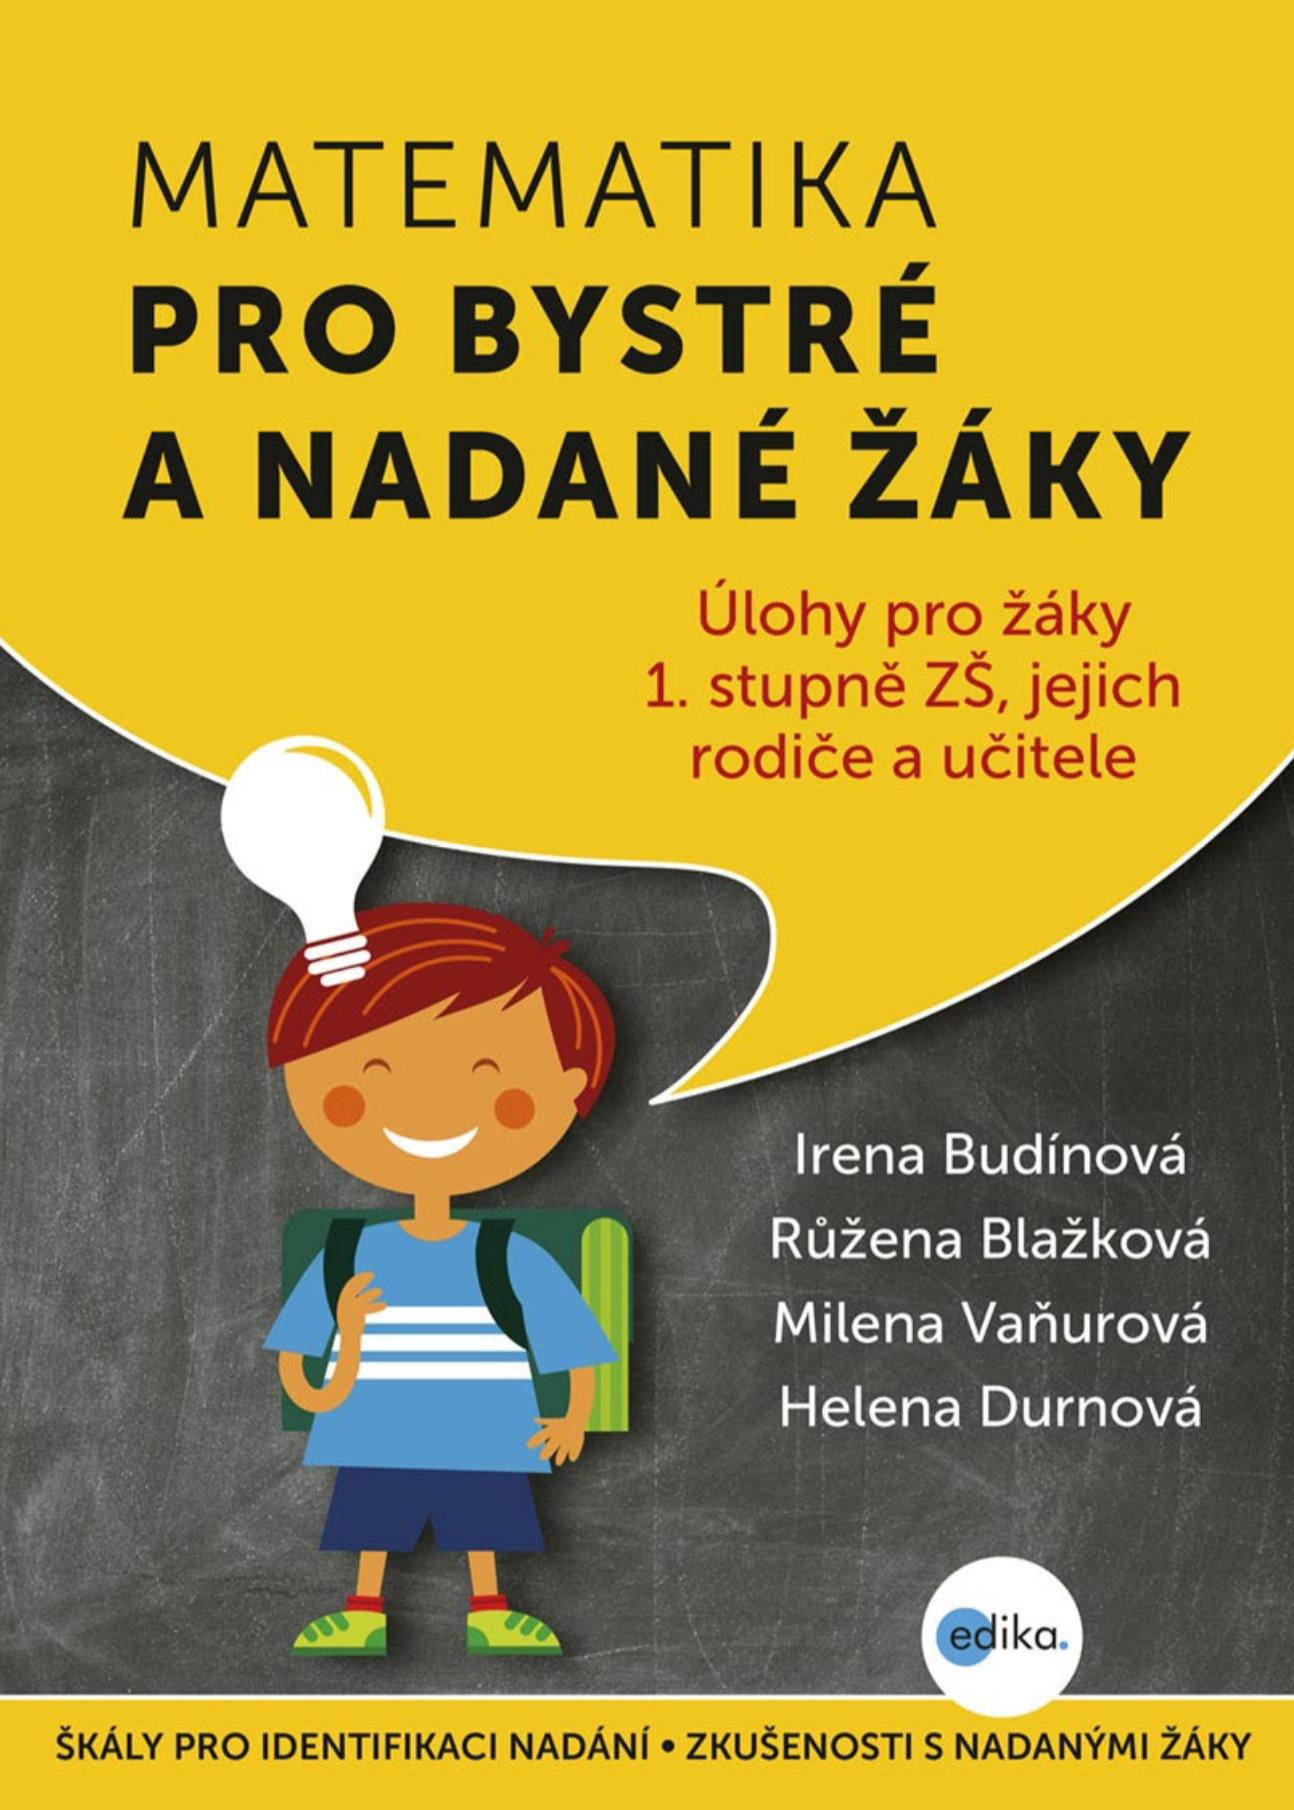 Matematika pro bystré a nadané žáky 1 - Irena Budínová, Růžena Blažková